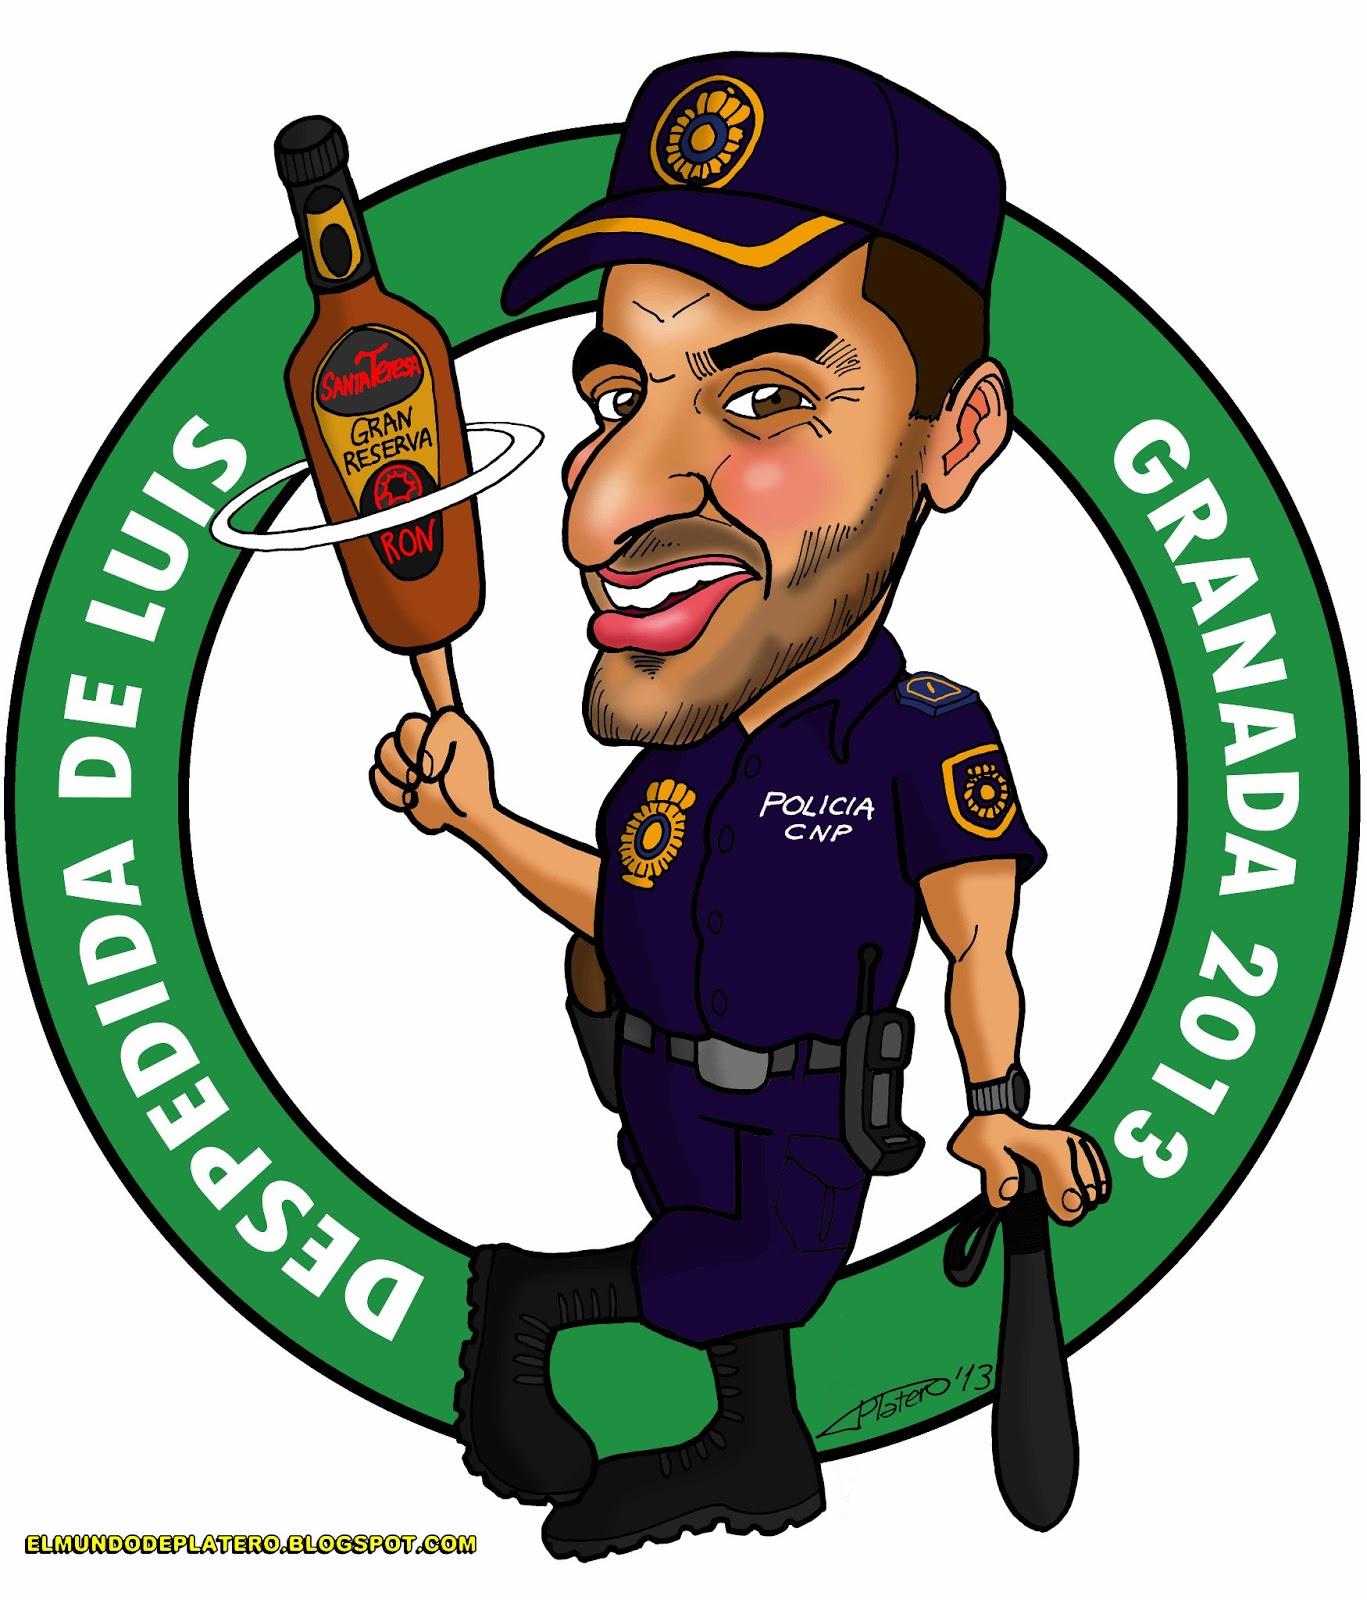 Dibujos de policias en caricatura - Imagui